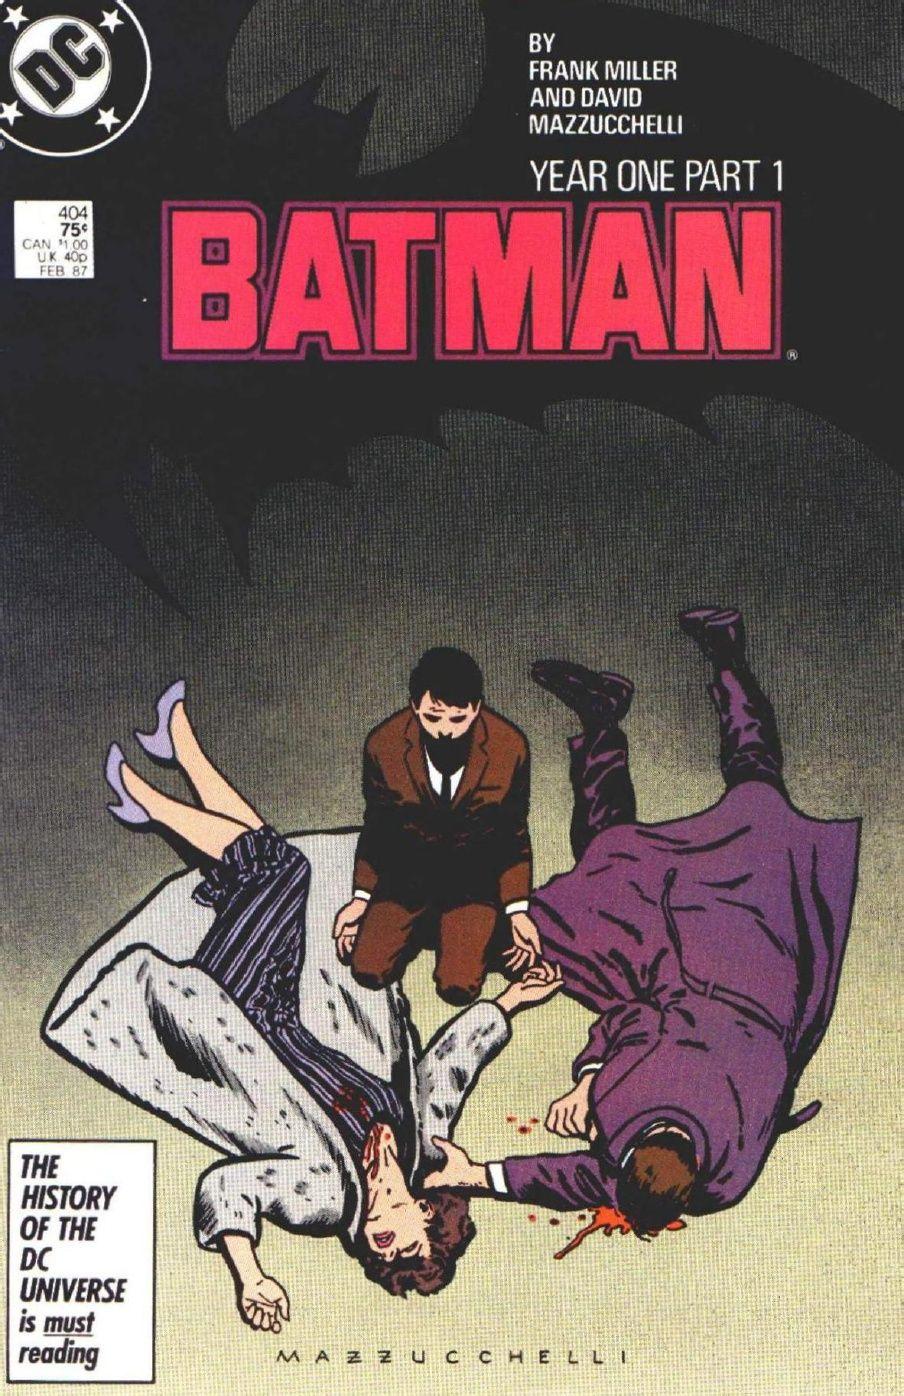 Read first batman comic book online